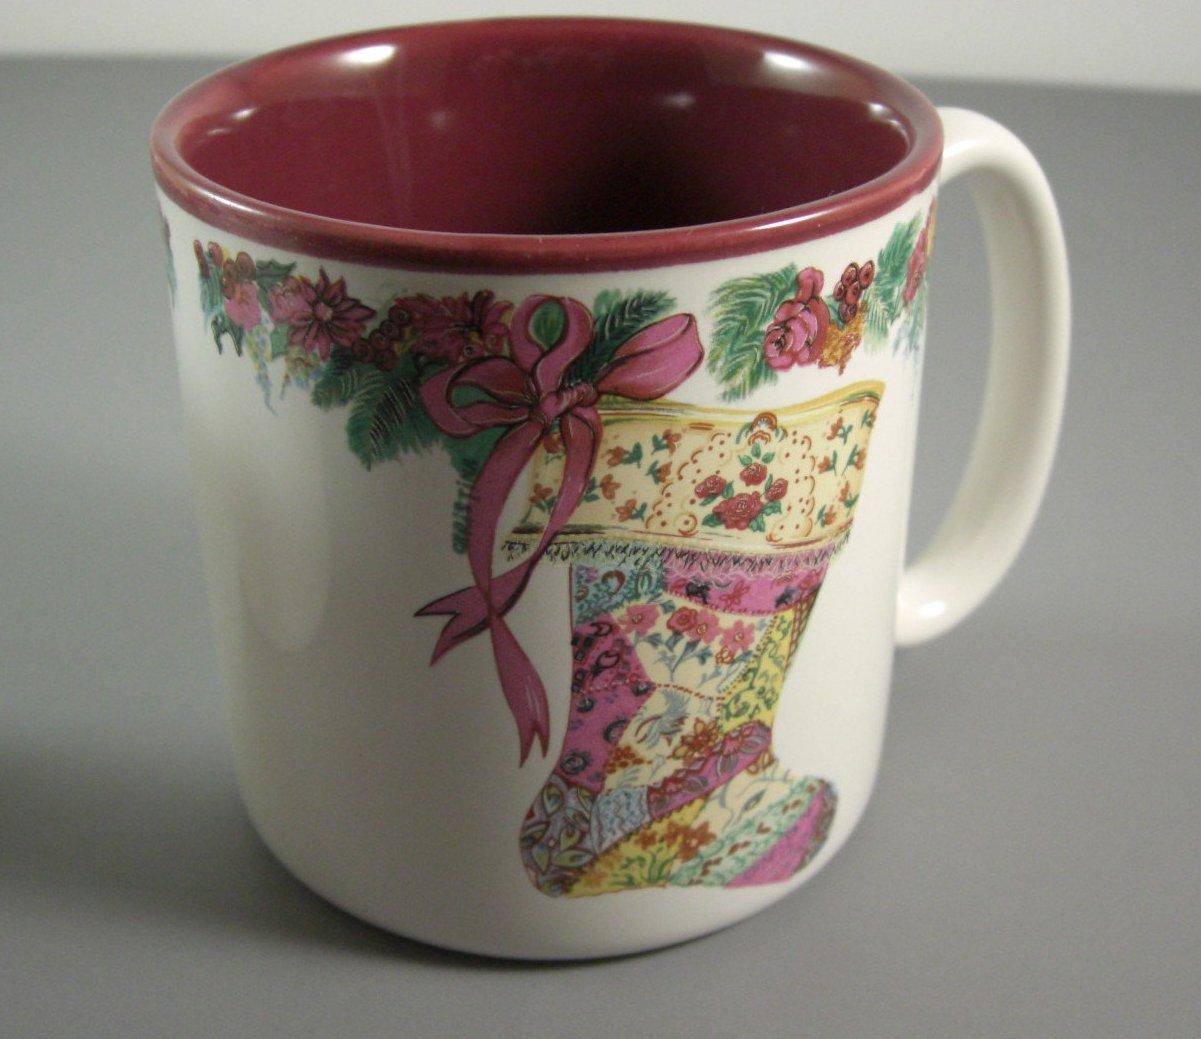 2 Potpourri Press Christmas Stocking Mugs // 1987 Coffee Cups